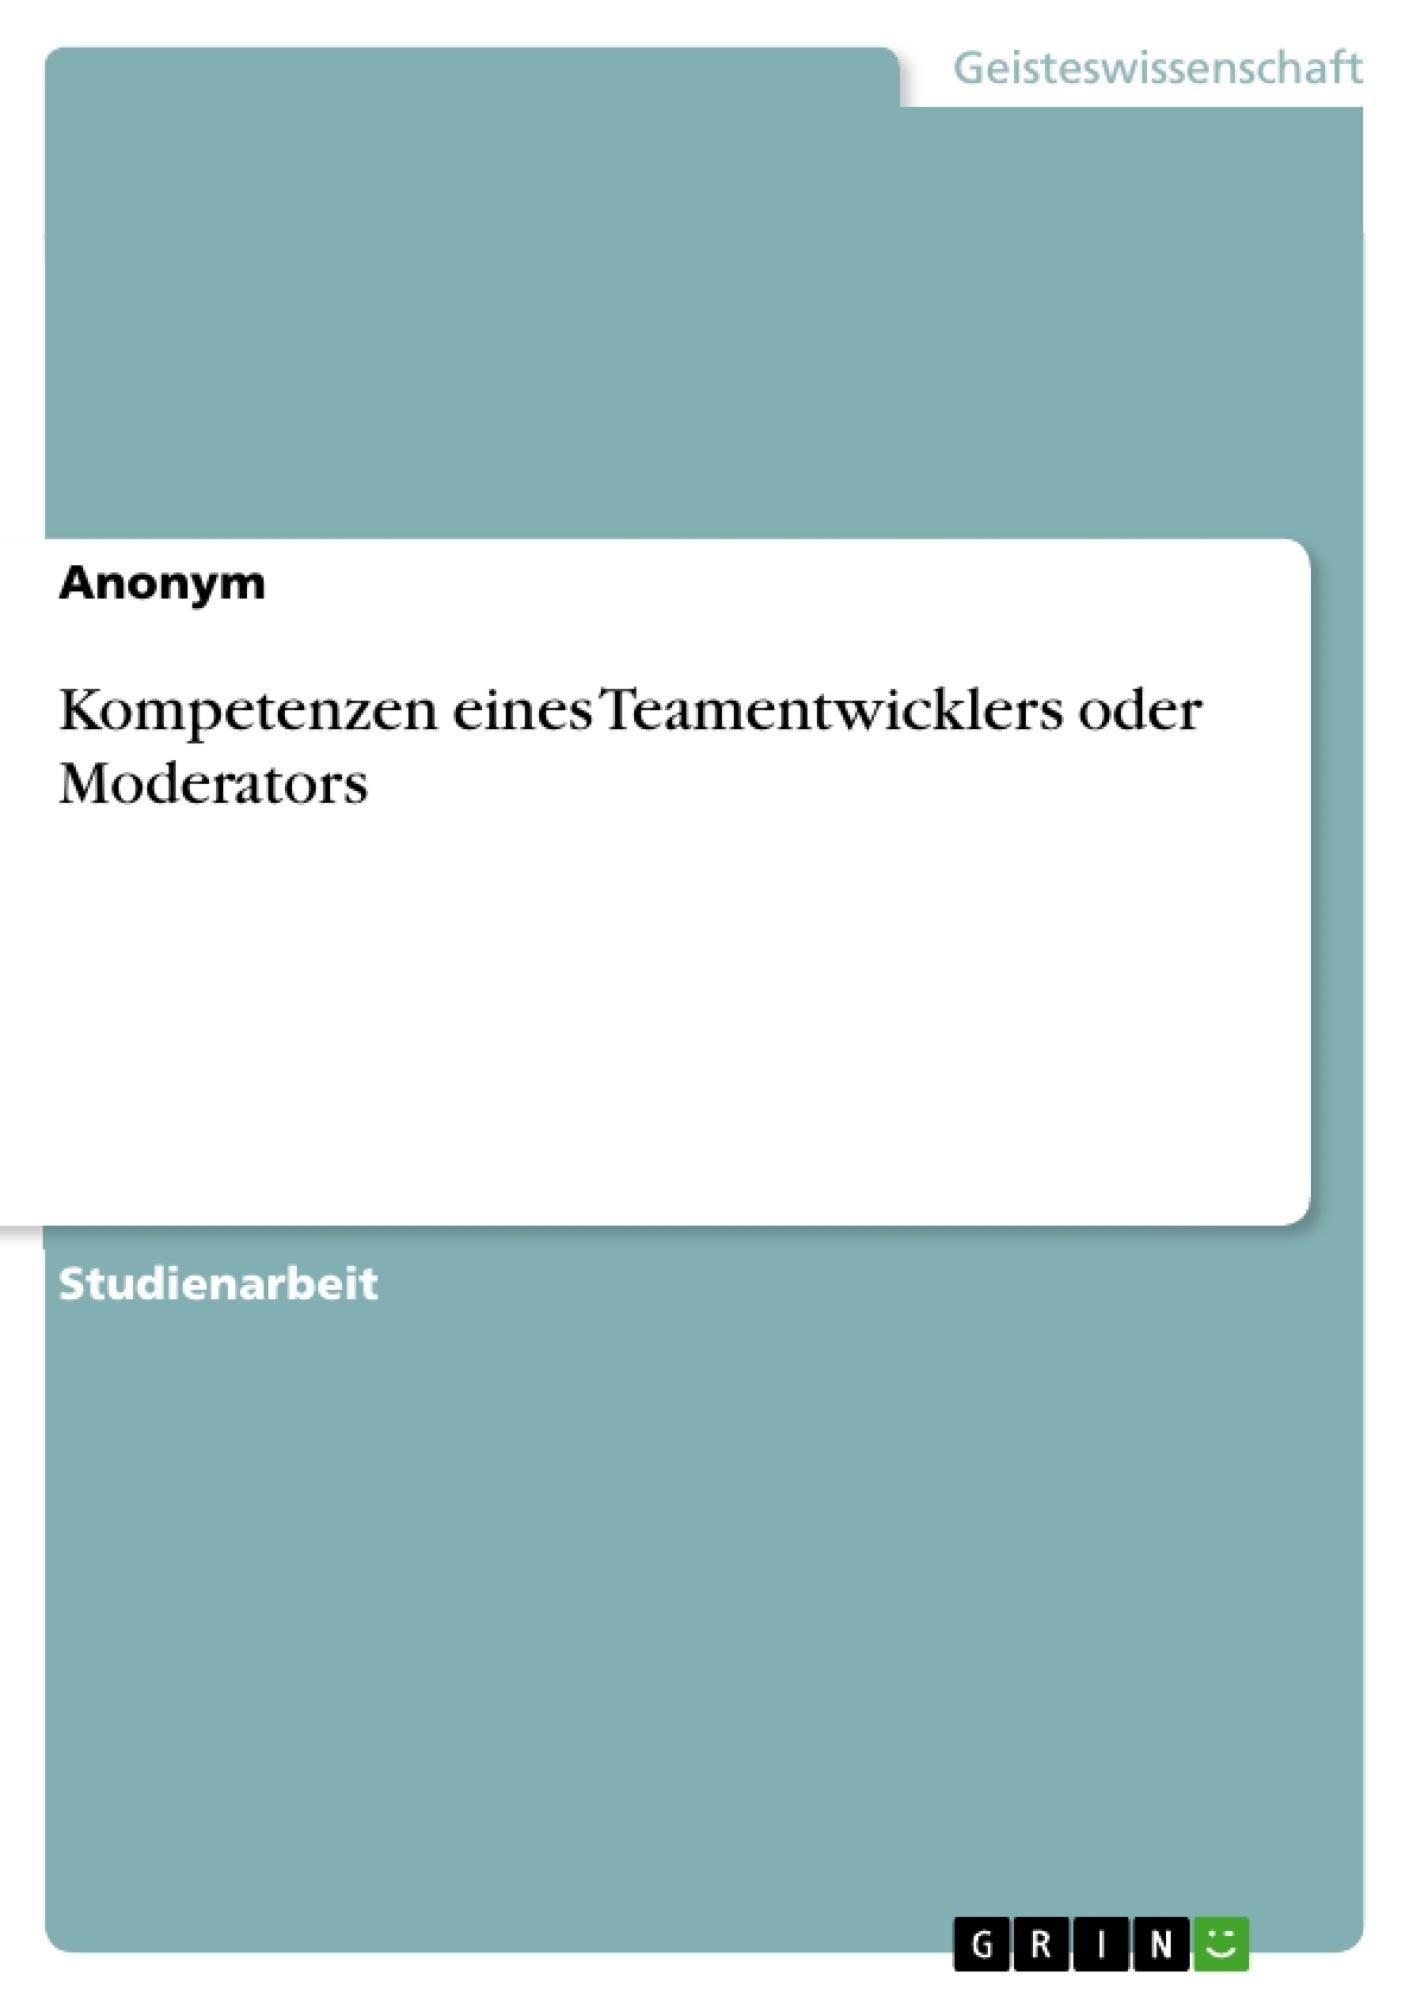 Titel: Kompetenzen eines Teamentwicklers oder Moderators